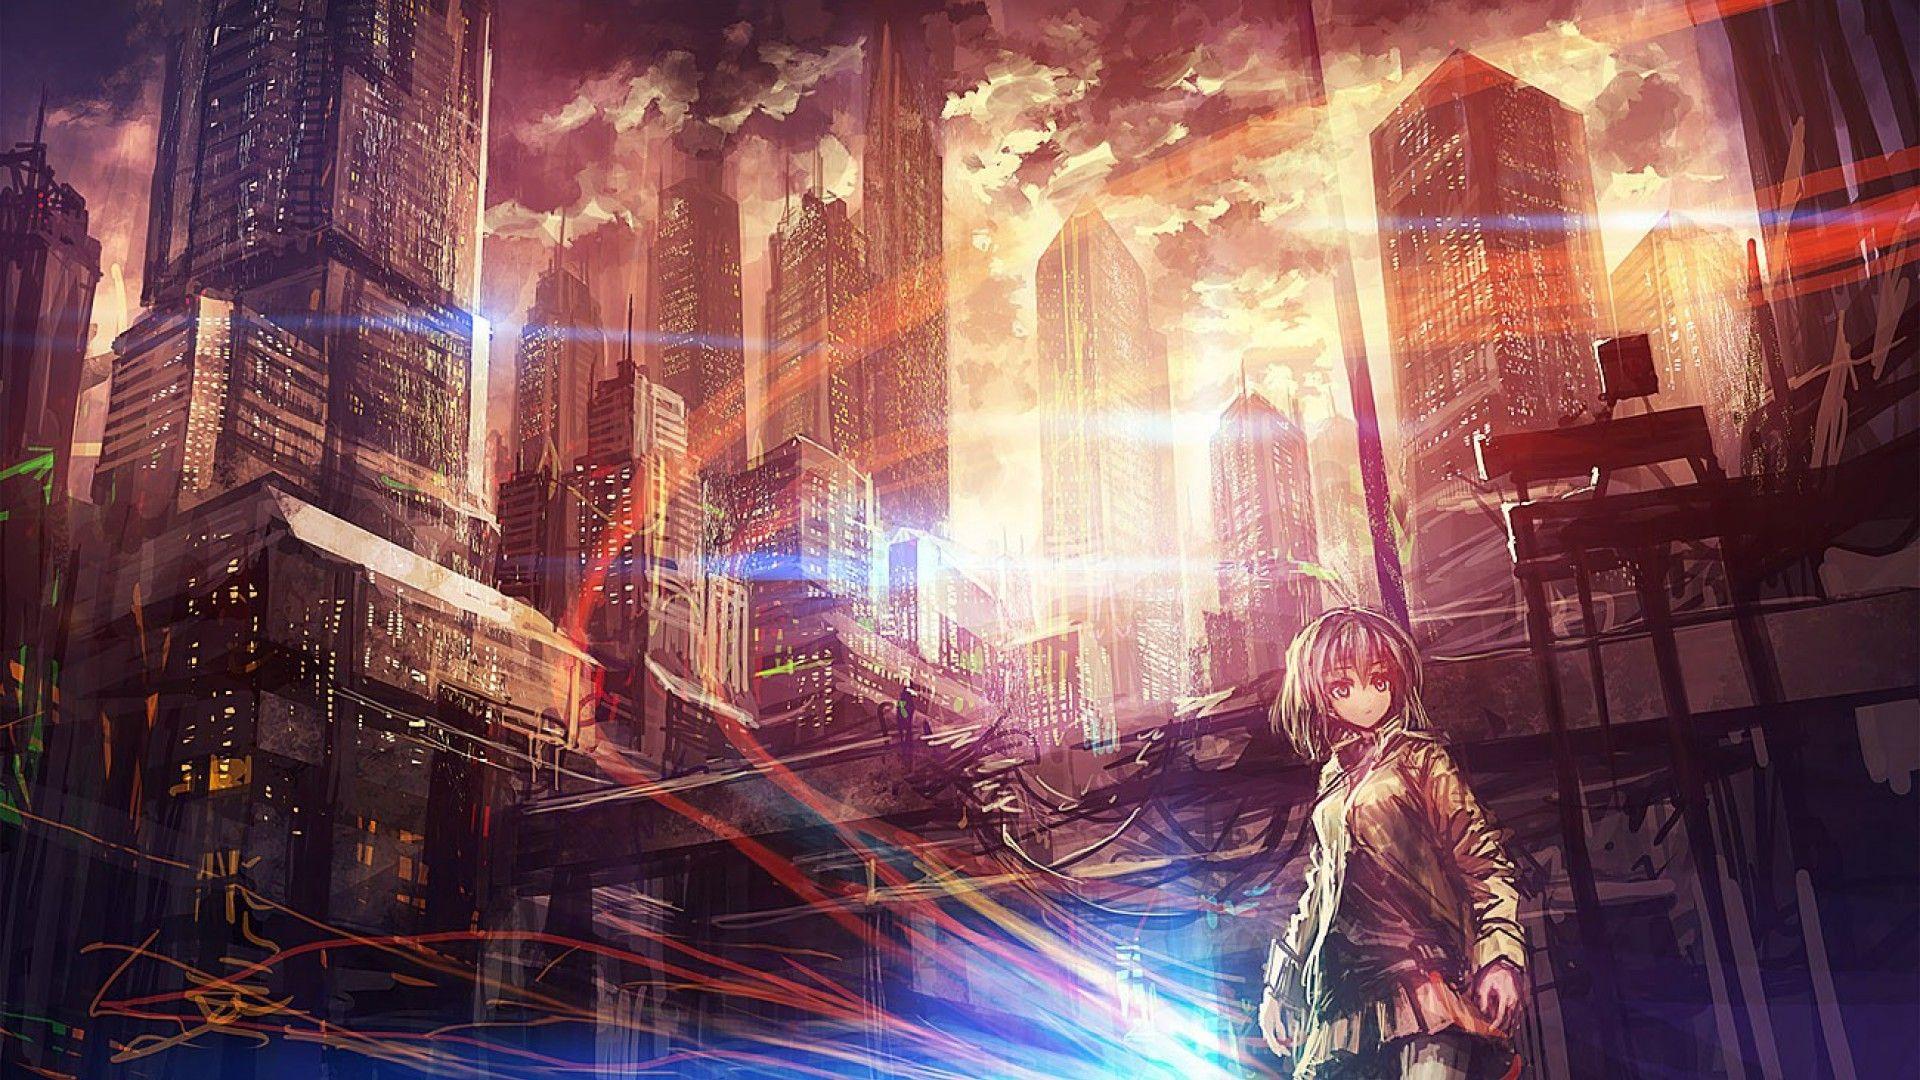 Https Wallpapertag Com Wallpaper Full 3 D 7 295776 Anime Scenery Wallpaper 1920x1080 Computer Jpg Anime Scenery Wallpaper Anime Scenery Scenery Wallpaper